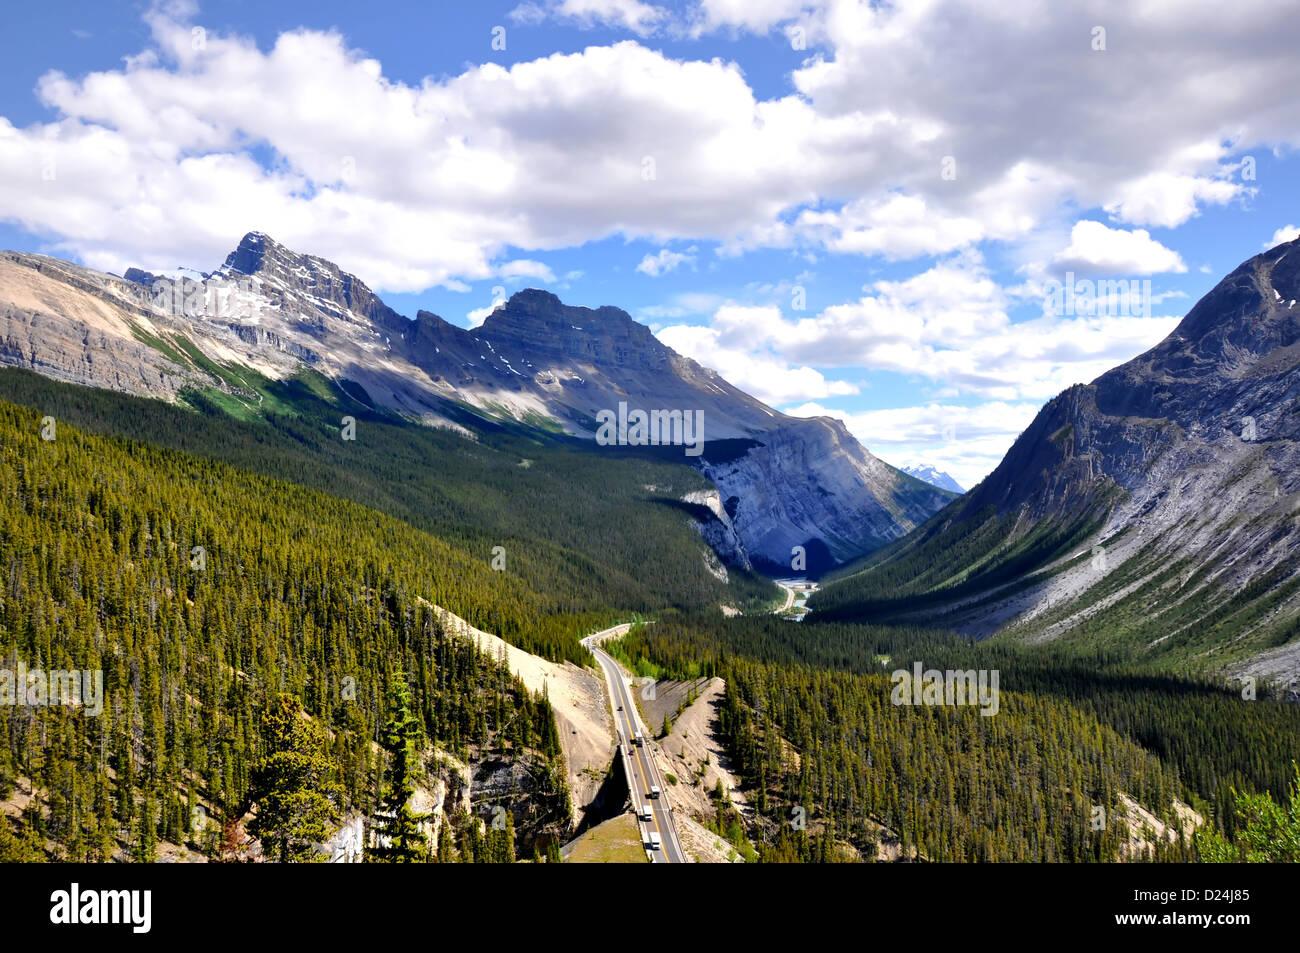 Vista panorámica de Icefields Parkway entre montañas rocosas canadienses Imagen De Stock